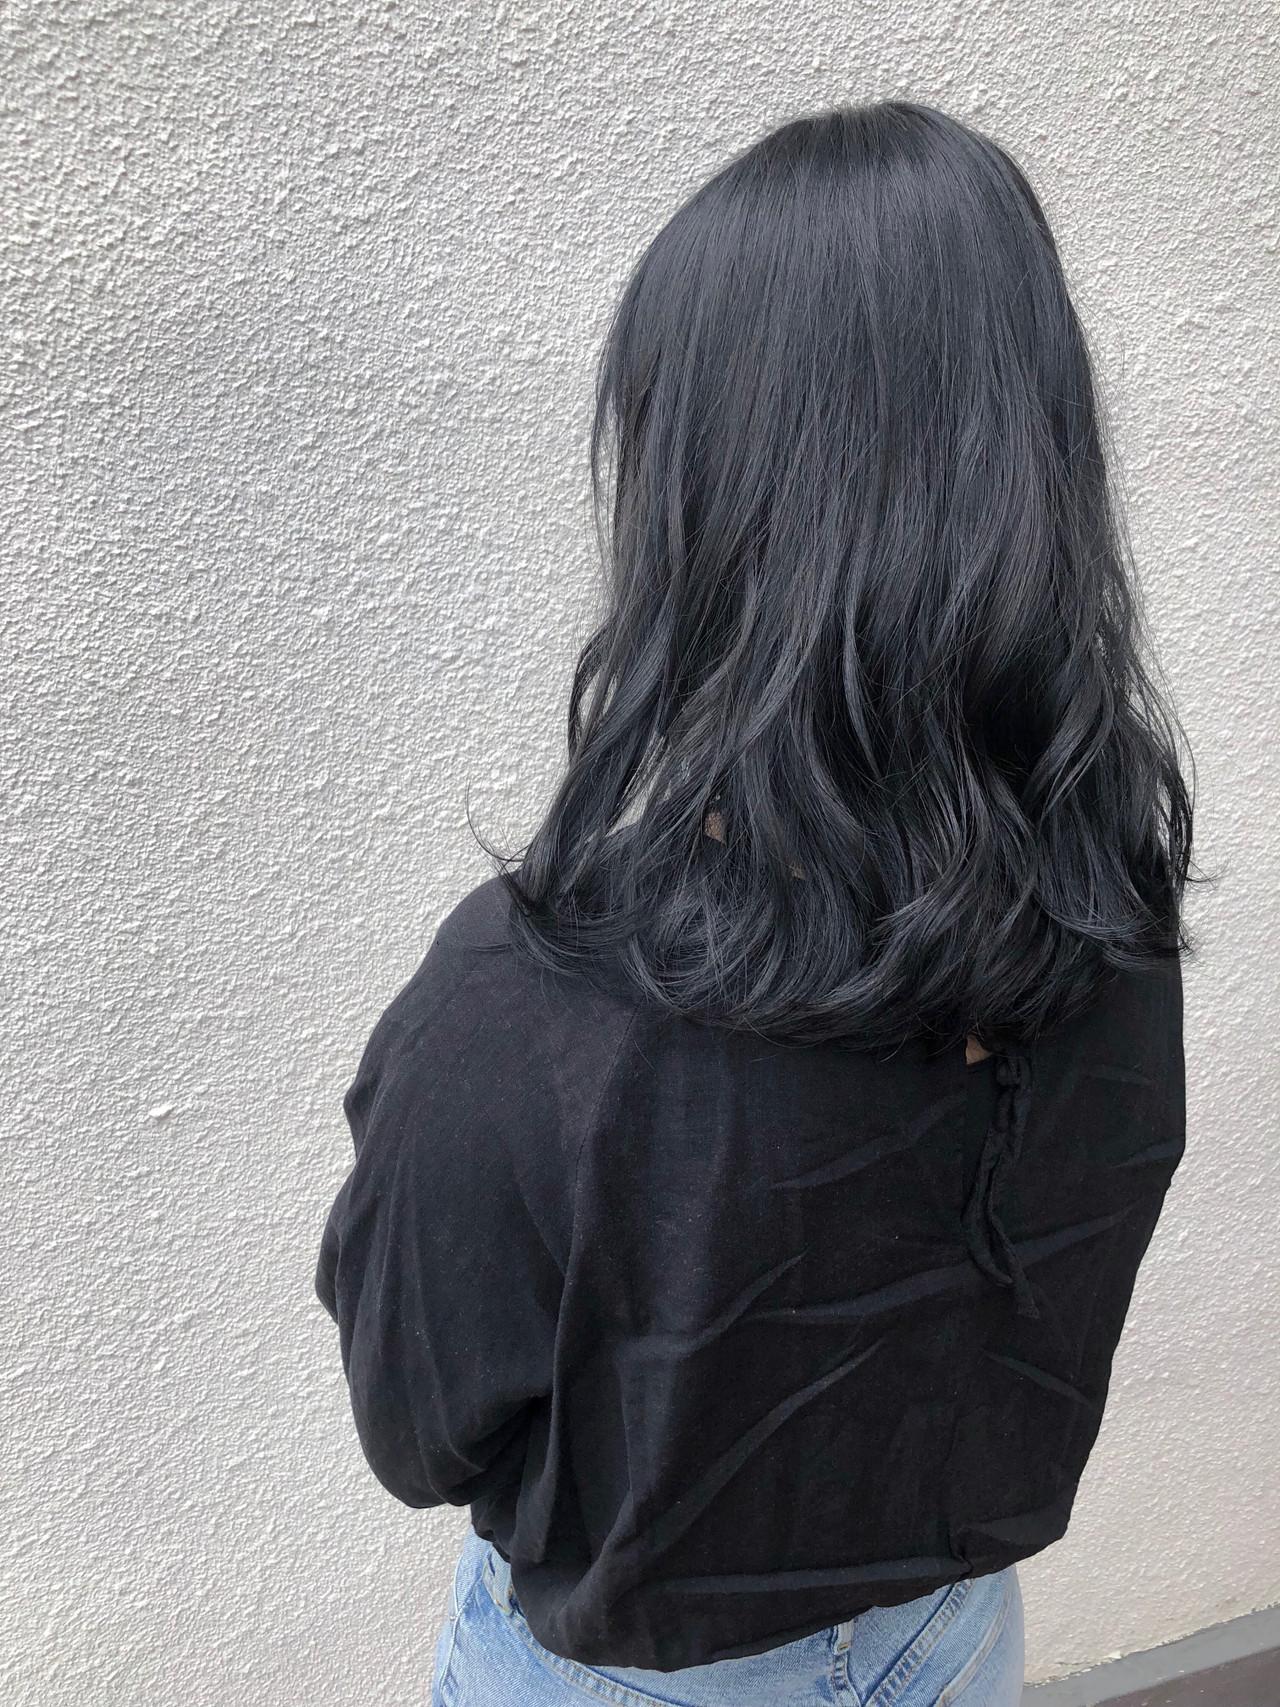 セミロング ナチュラル可愛い ナチュラル 抜け感 ヘアスタイルや髪型の写真・画像 | 篠田 雅樹 / Ame briller 【アムブリエ】